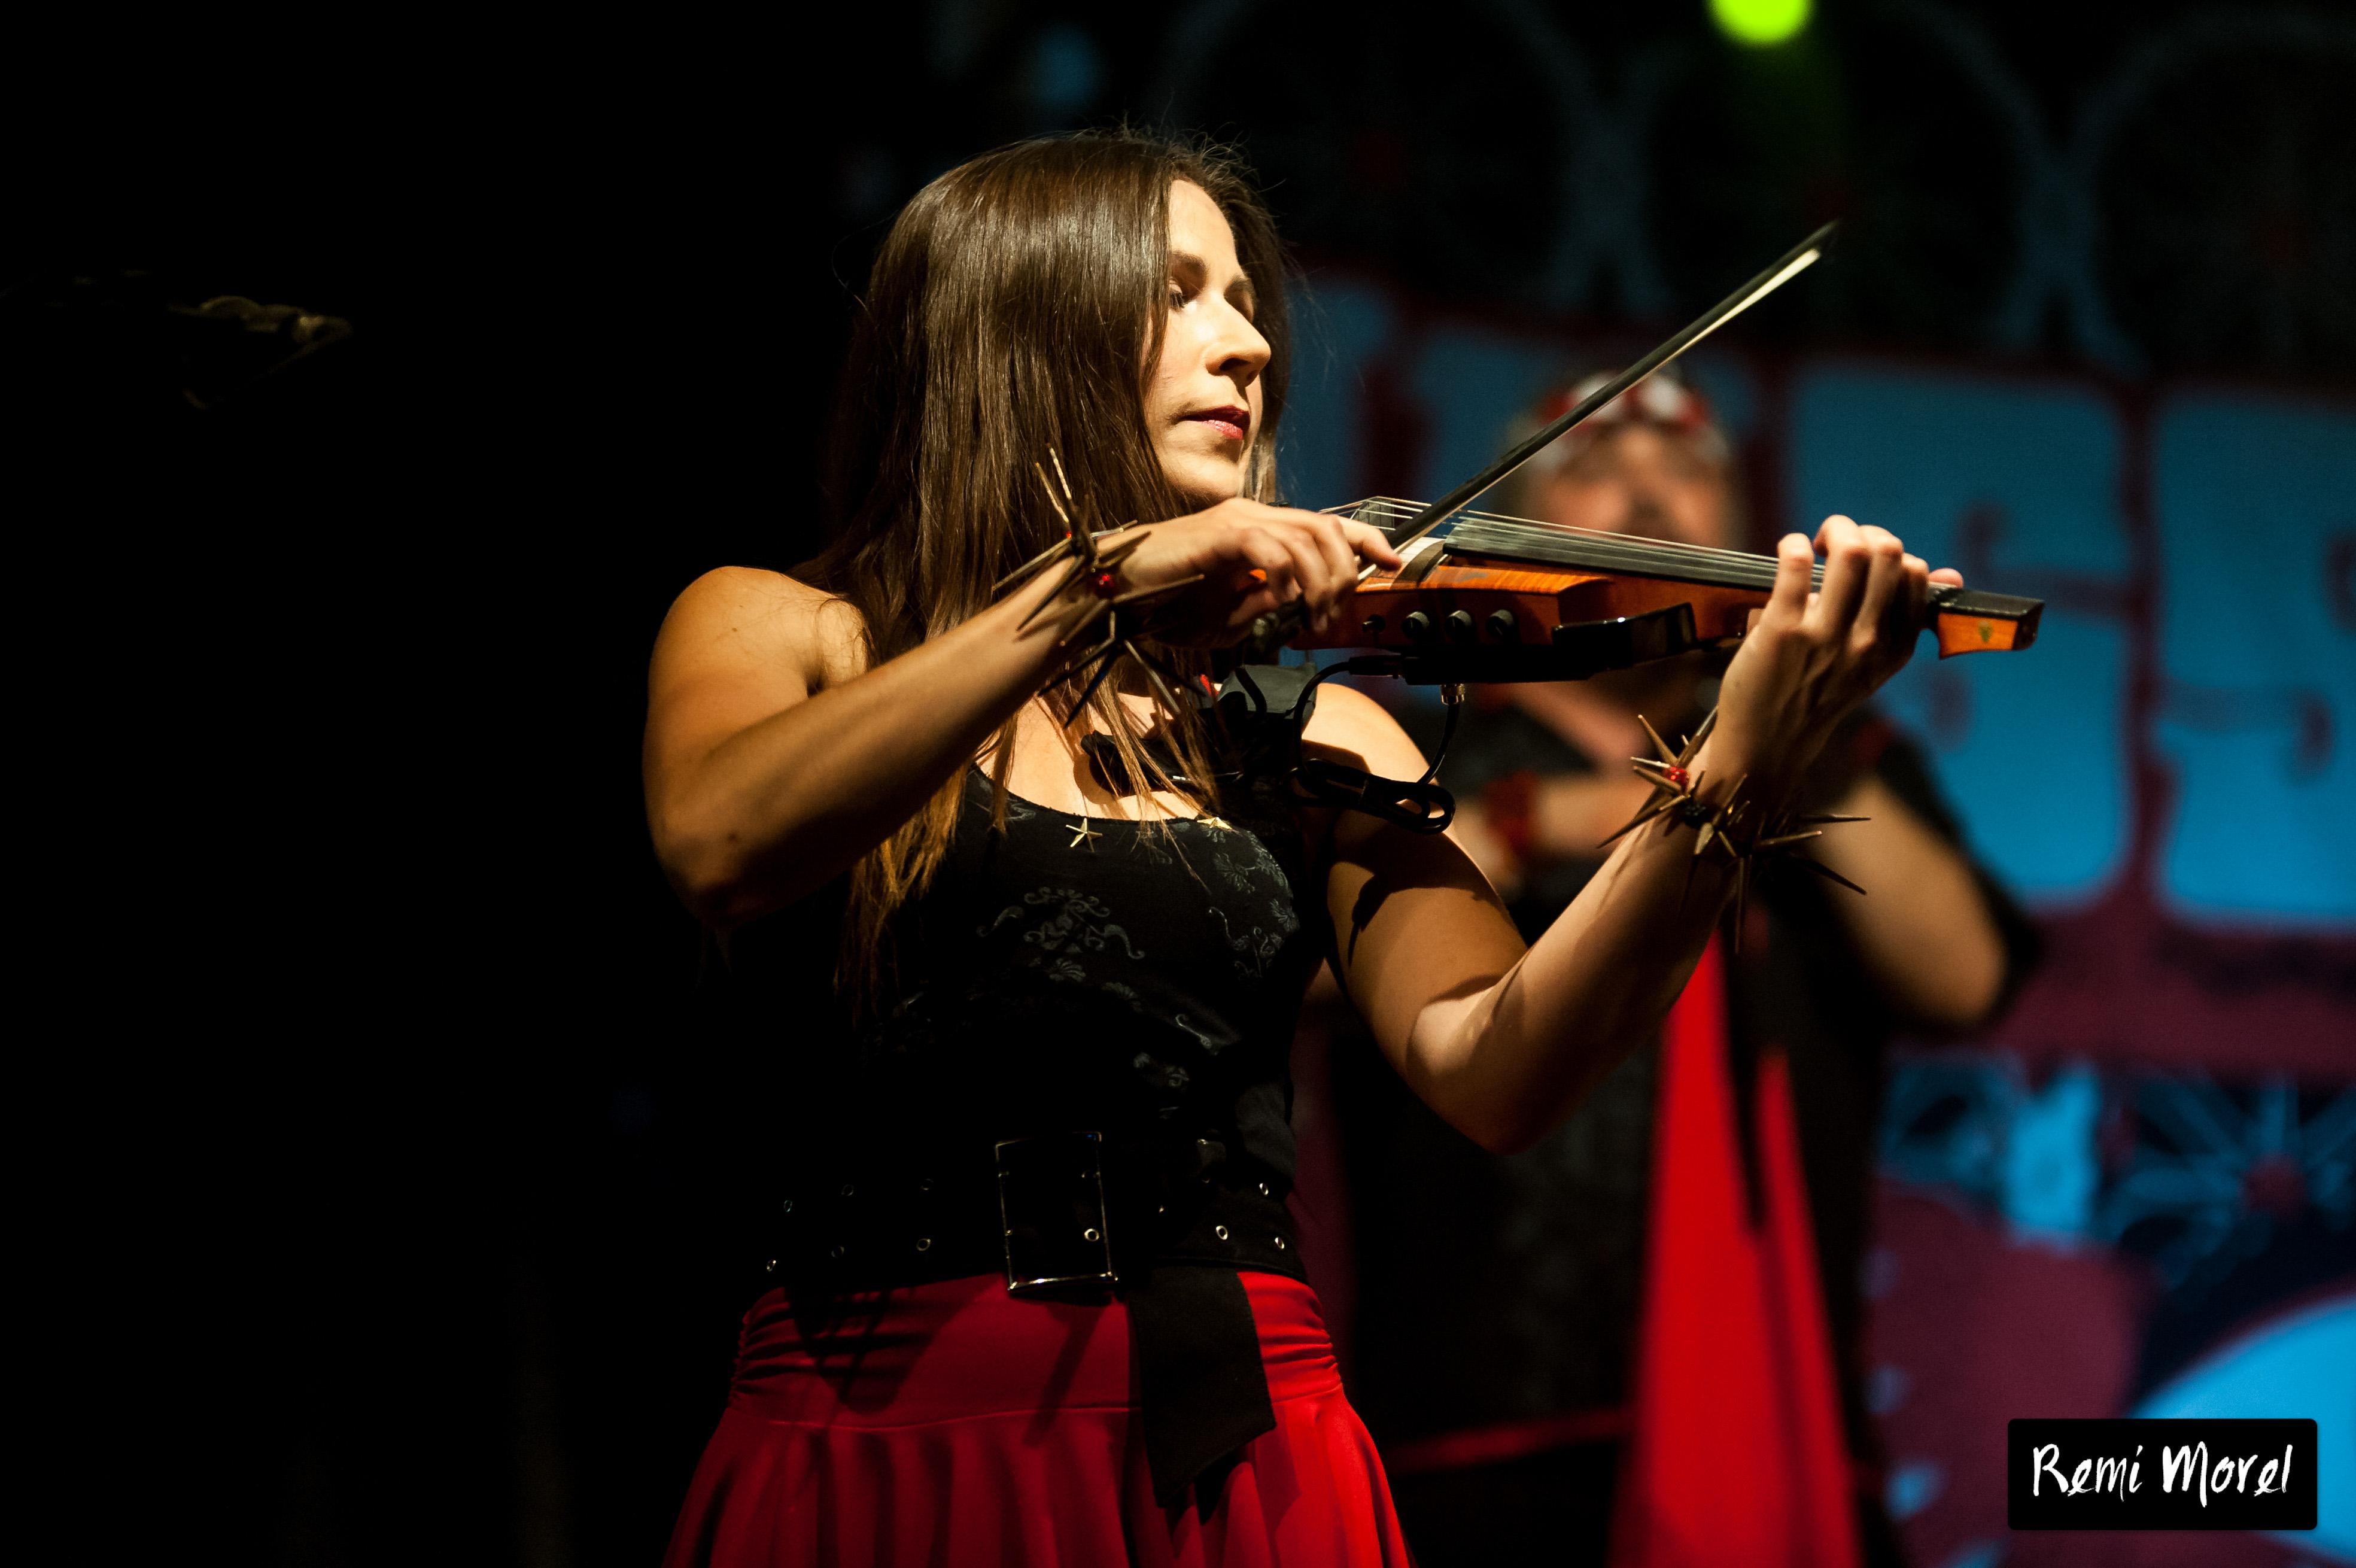 remi-morel-tradin-festival-russkaja-11